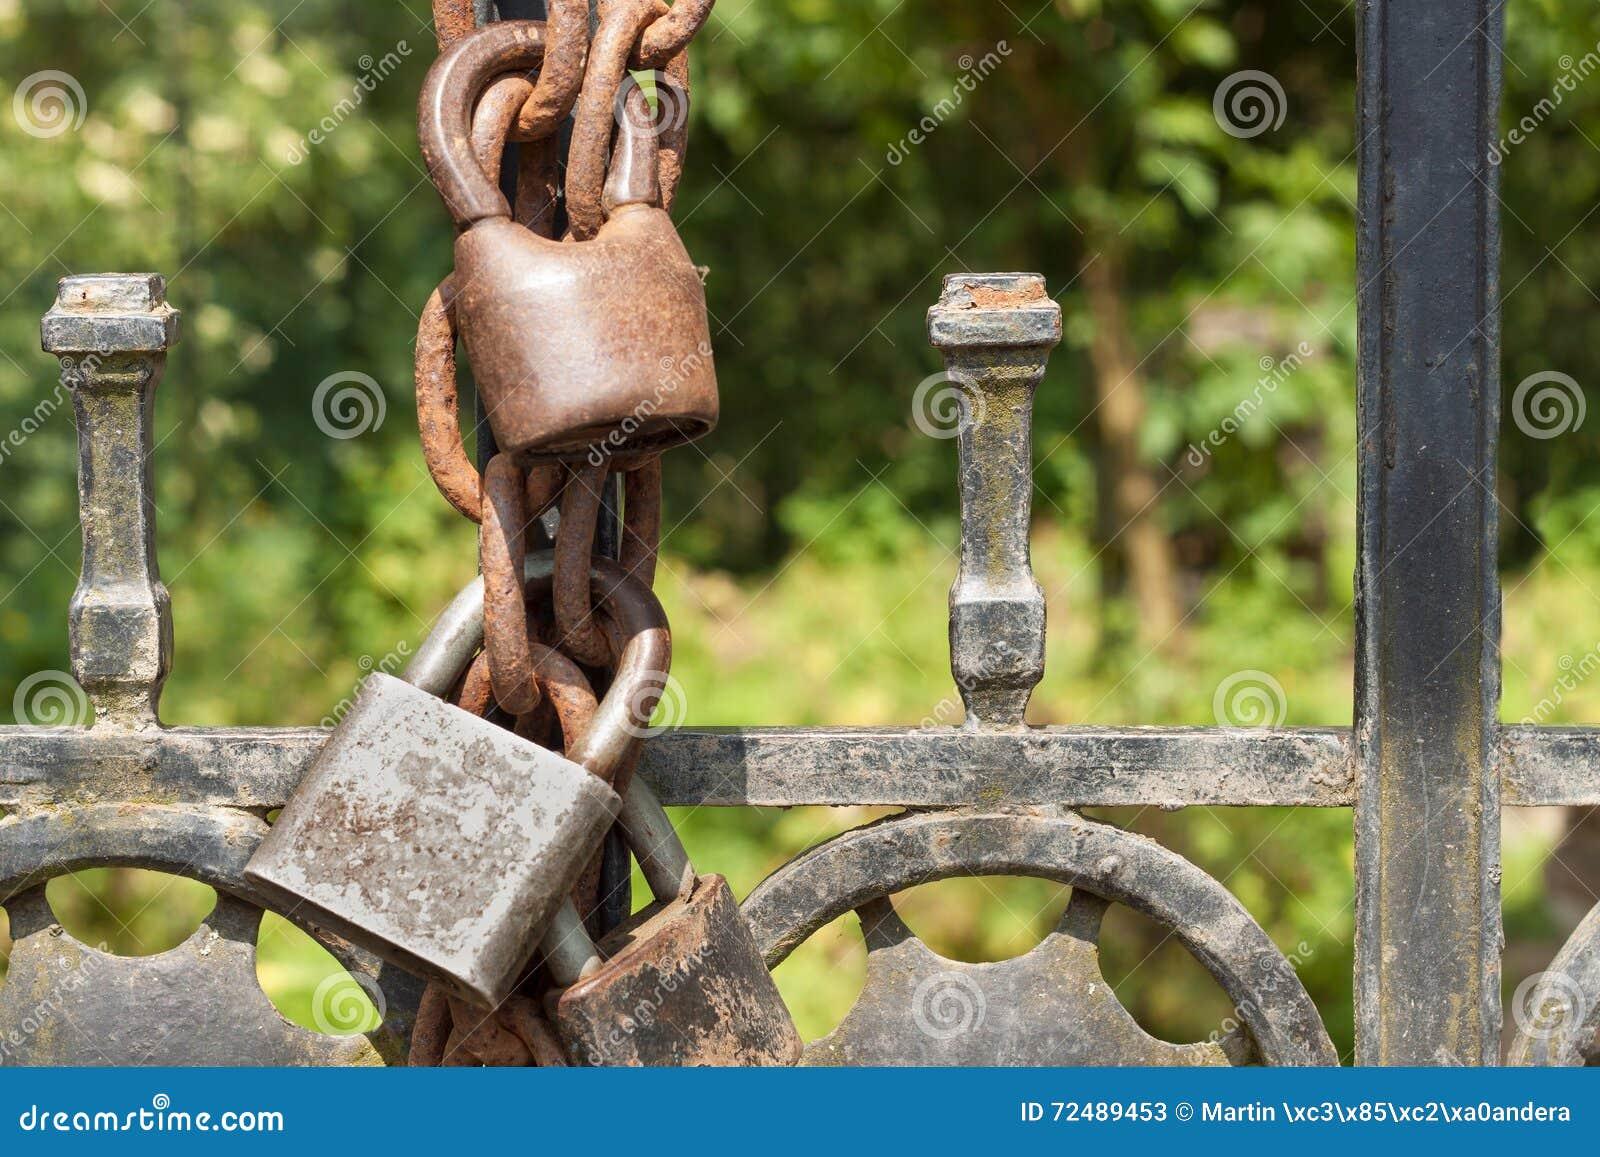 vieille serrure rouill e sur une porte en m tal dans le jardin fermez clef sur la porte de fer. Black Bedroom Furniture Sets. Home Design Ideas